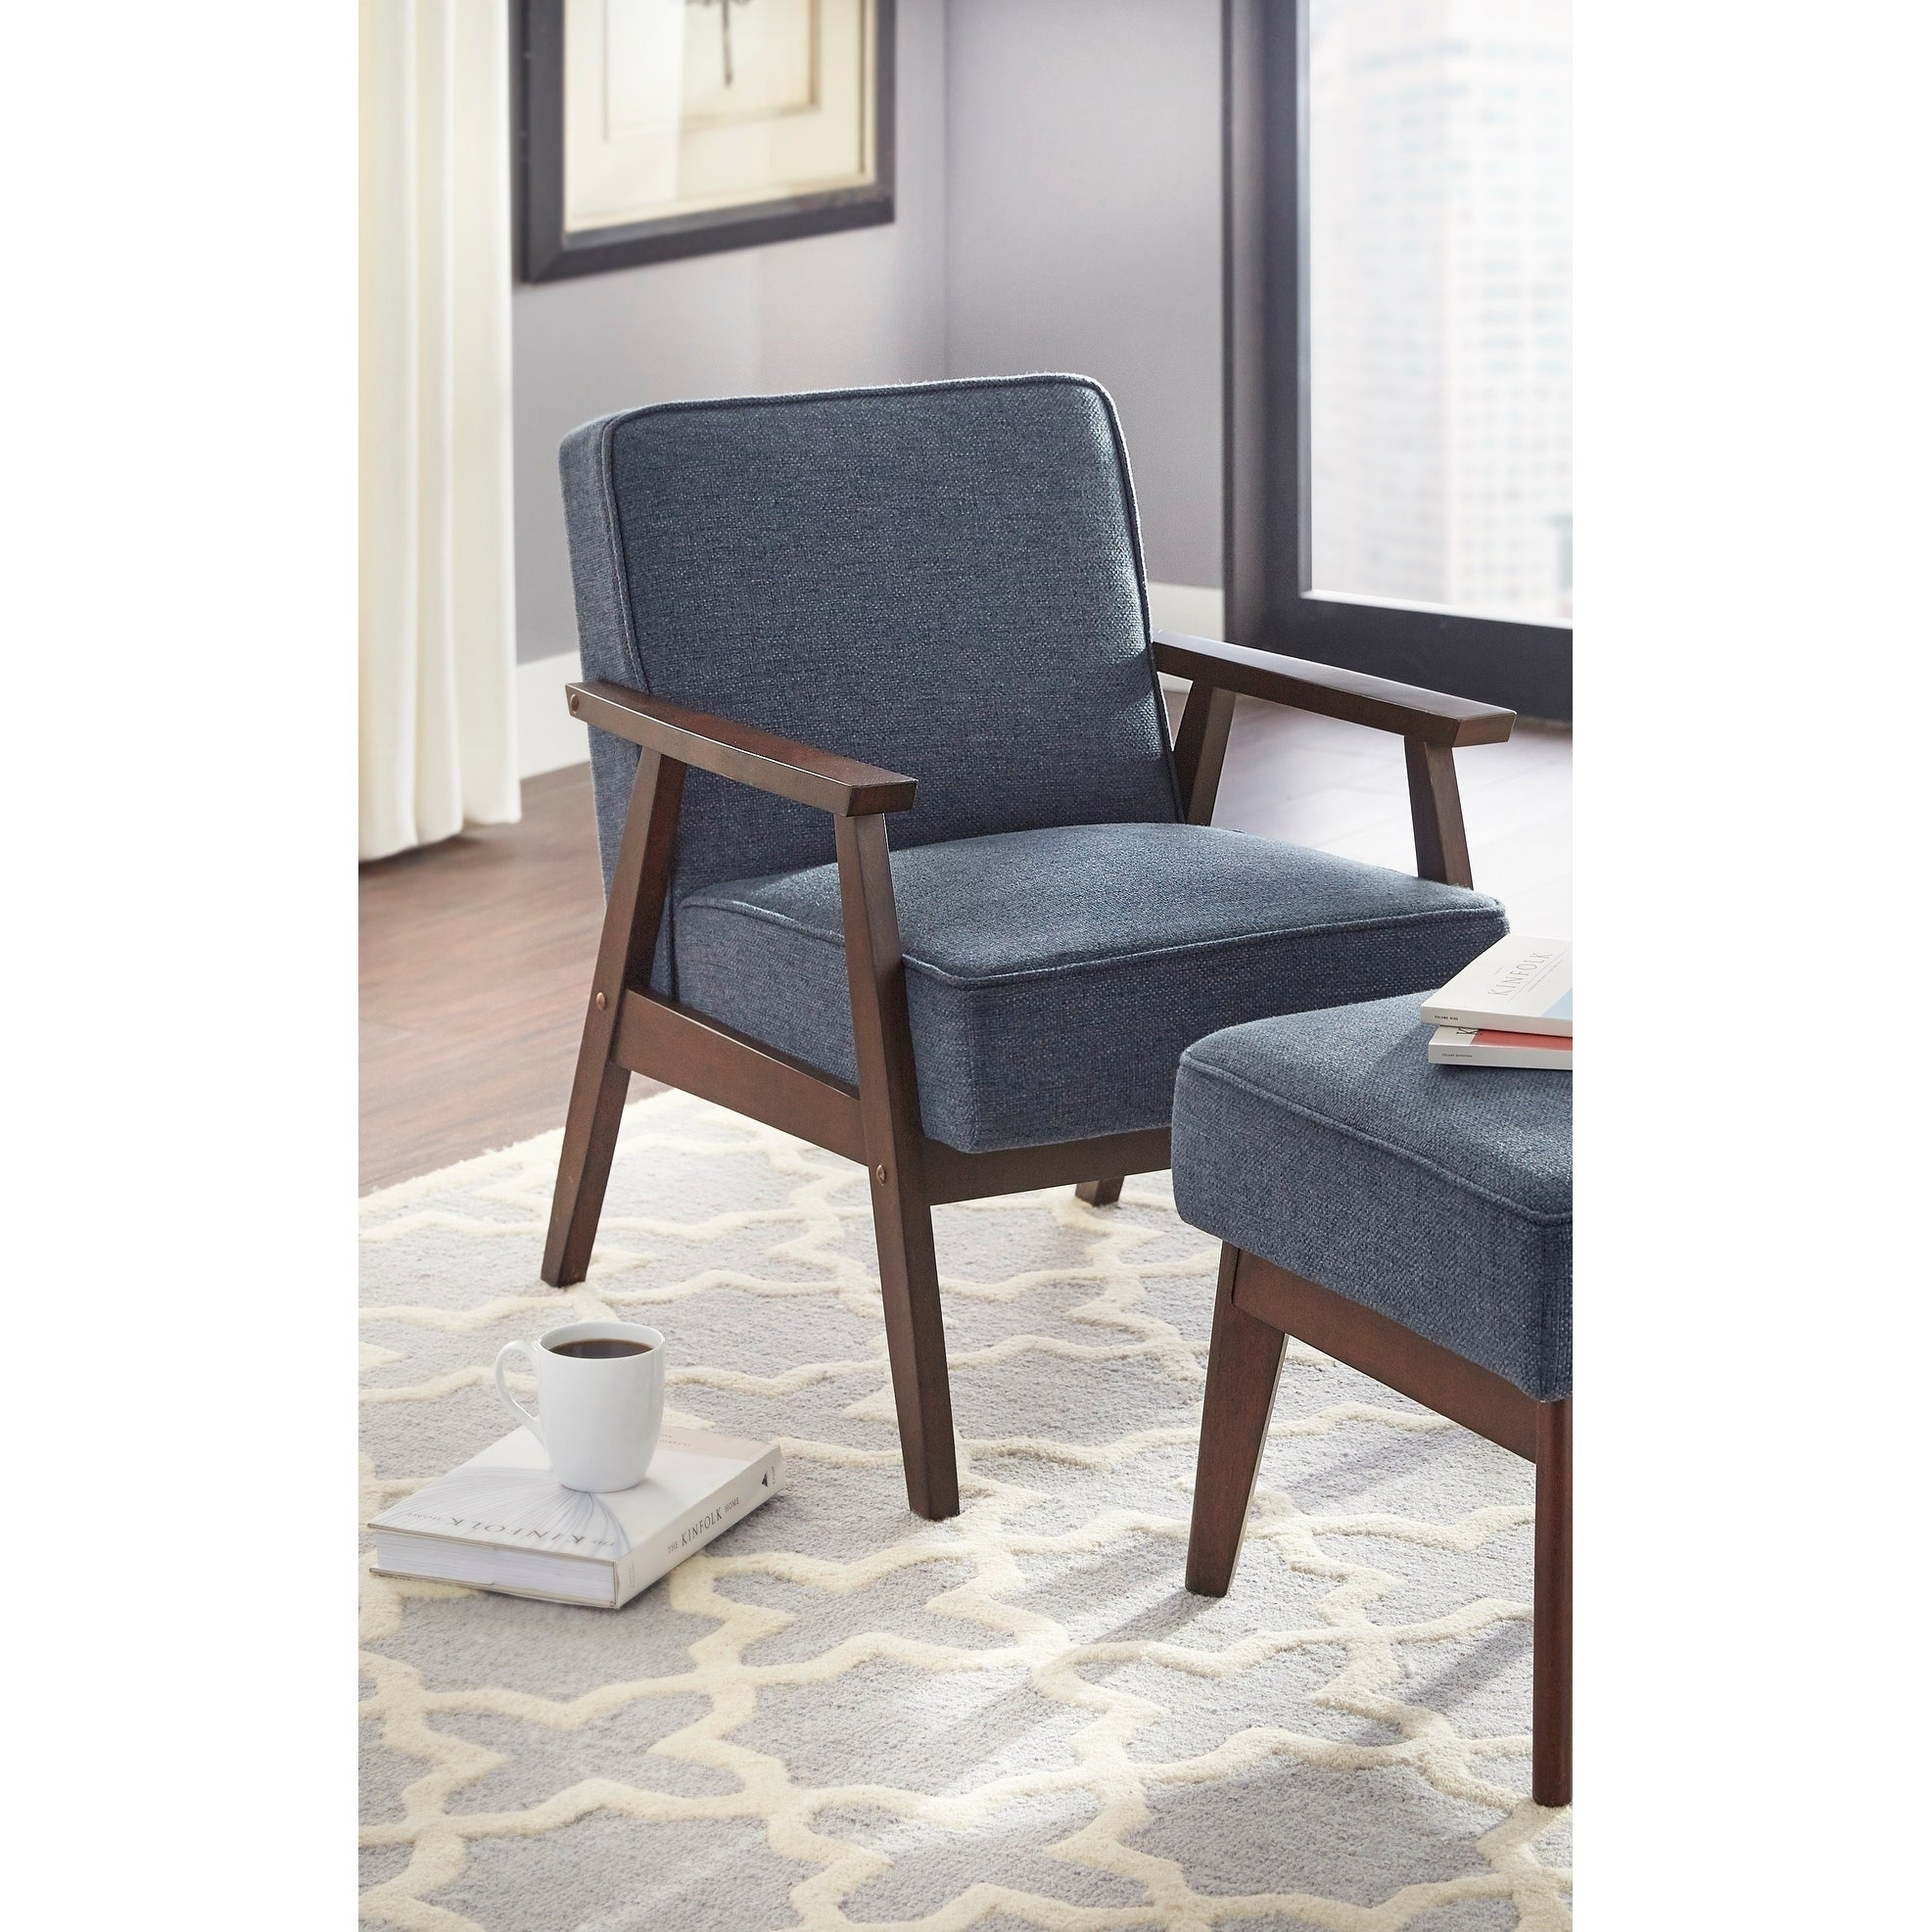 Astounding Mid Century Modern Living Room Chairs Shop Online At Overstock Inzonedesignstudio Interior Chair Design Inzonedesignstudiocom